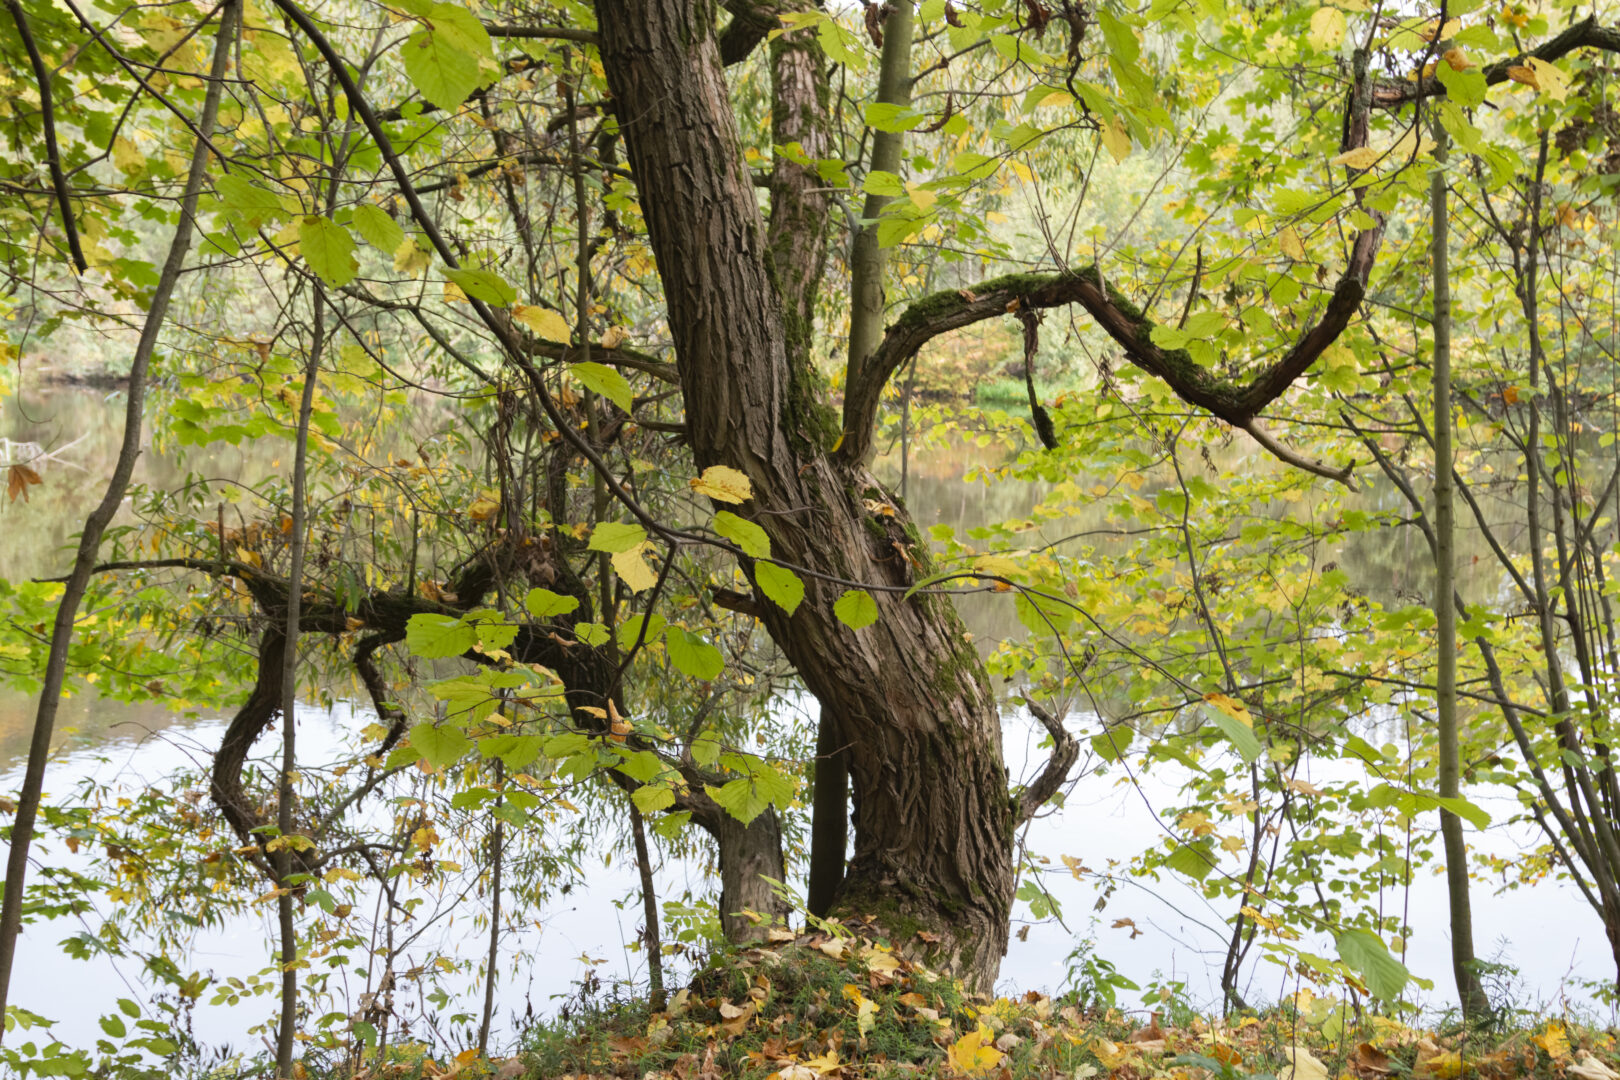 Ein alter verwinkelter Baum am Wasser